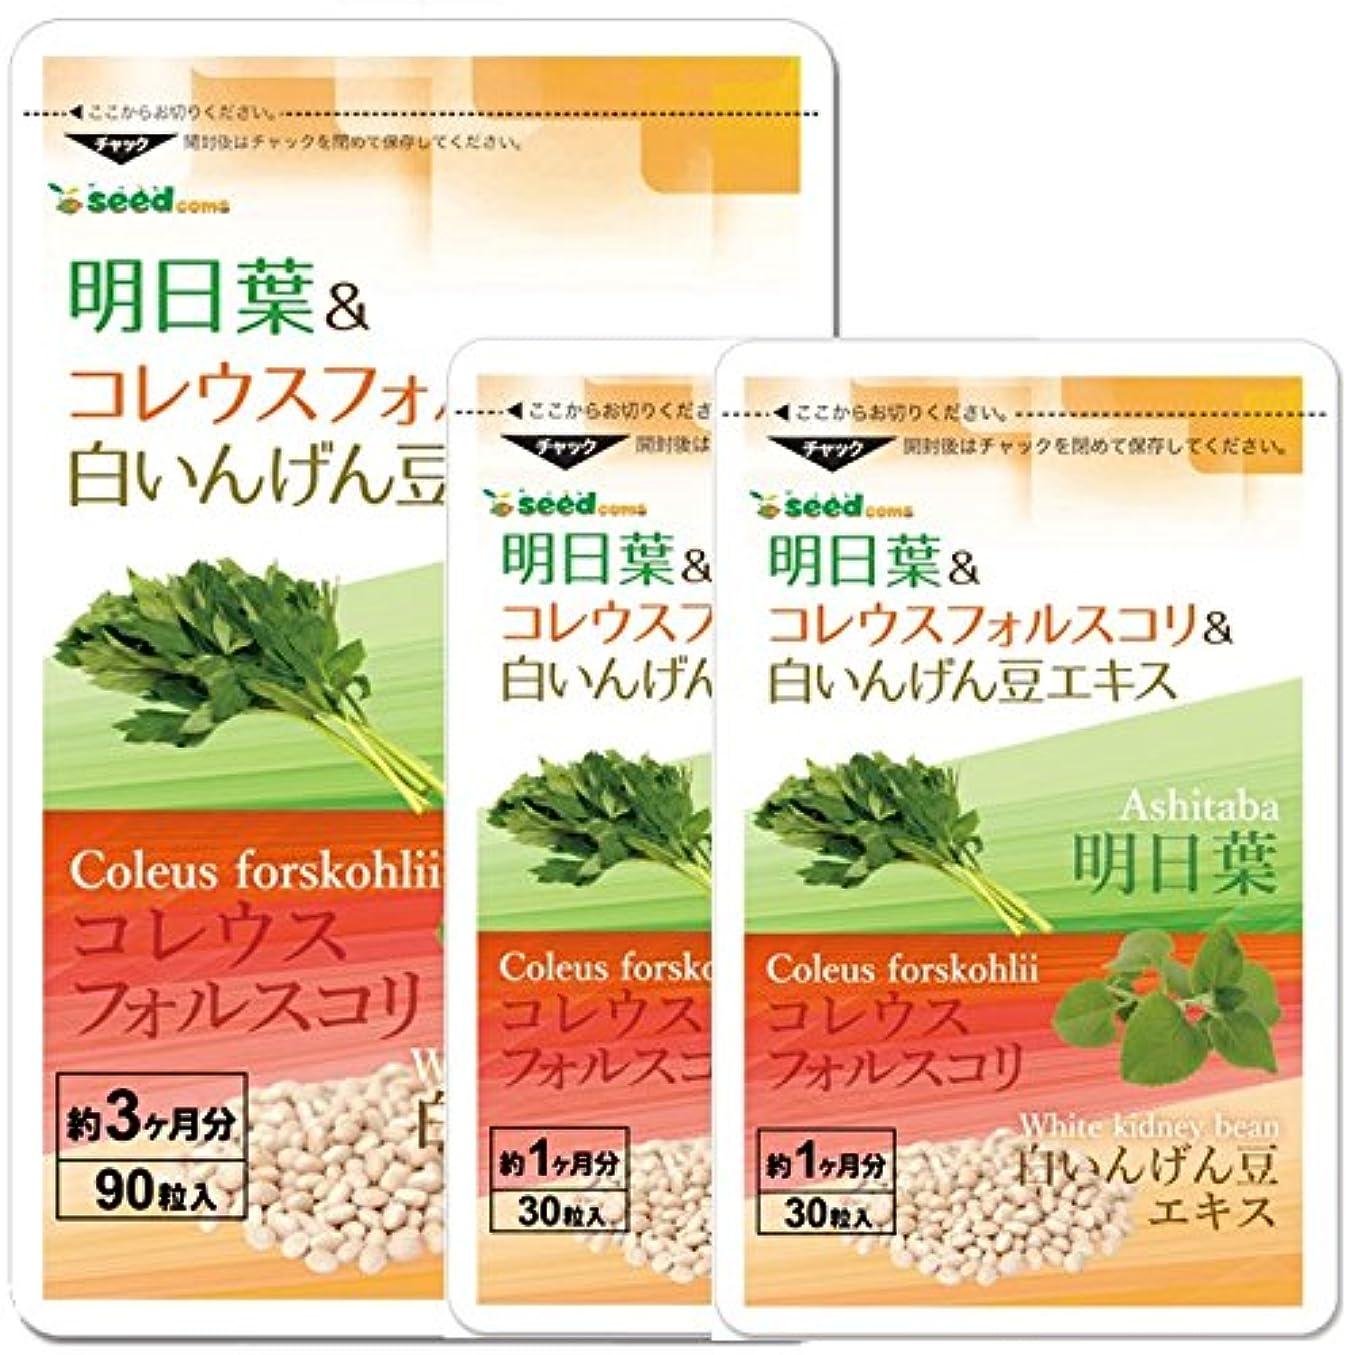 突破口織る担保明日葉 & コレウスフォルスコリ & 白インゲン豆 エキス (約5ヶ月分/150粒) スッキリ&燃焼系&糖質バリアの3大ダイエット成分